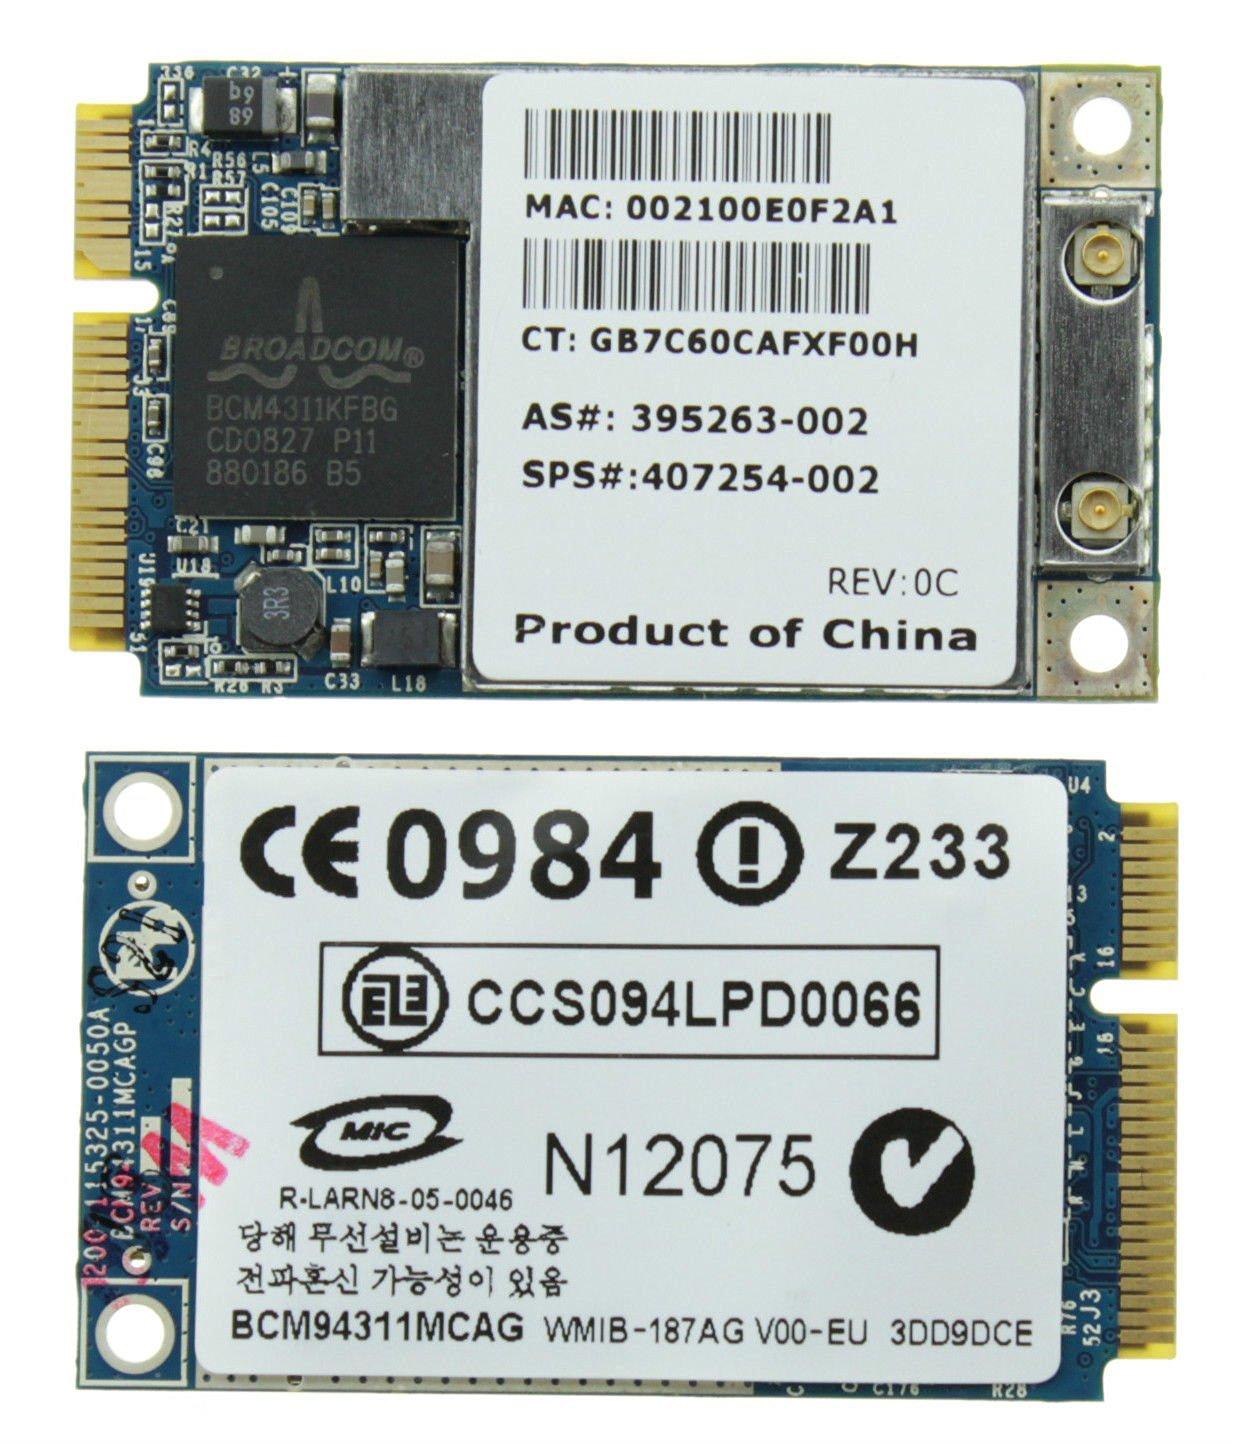 Acer Aspire 7530 Broadcom WLAN Drivers for Mac